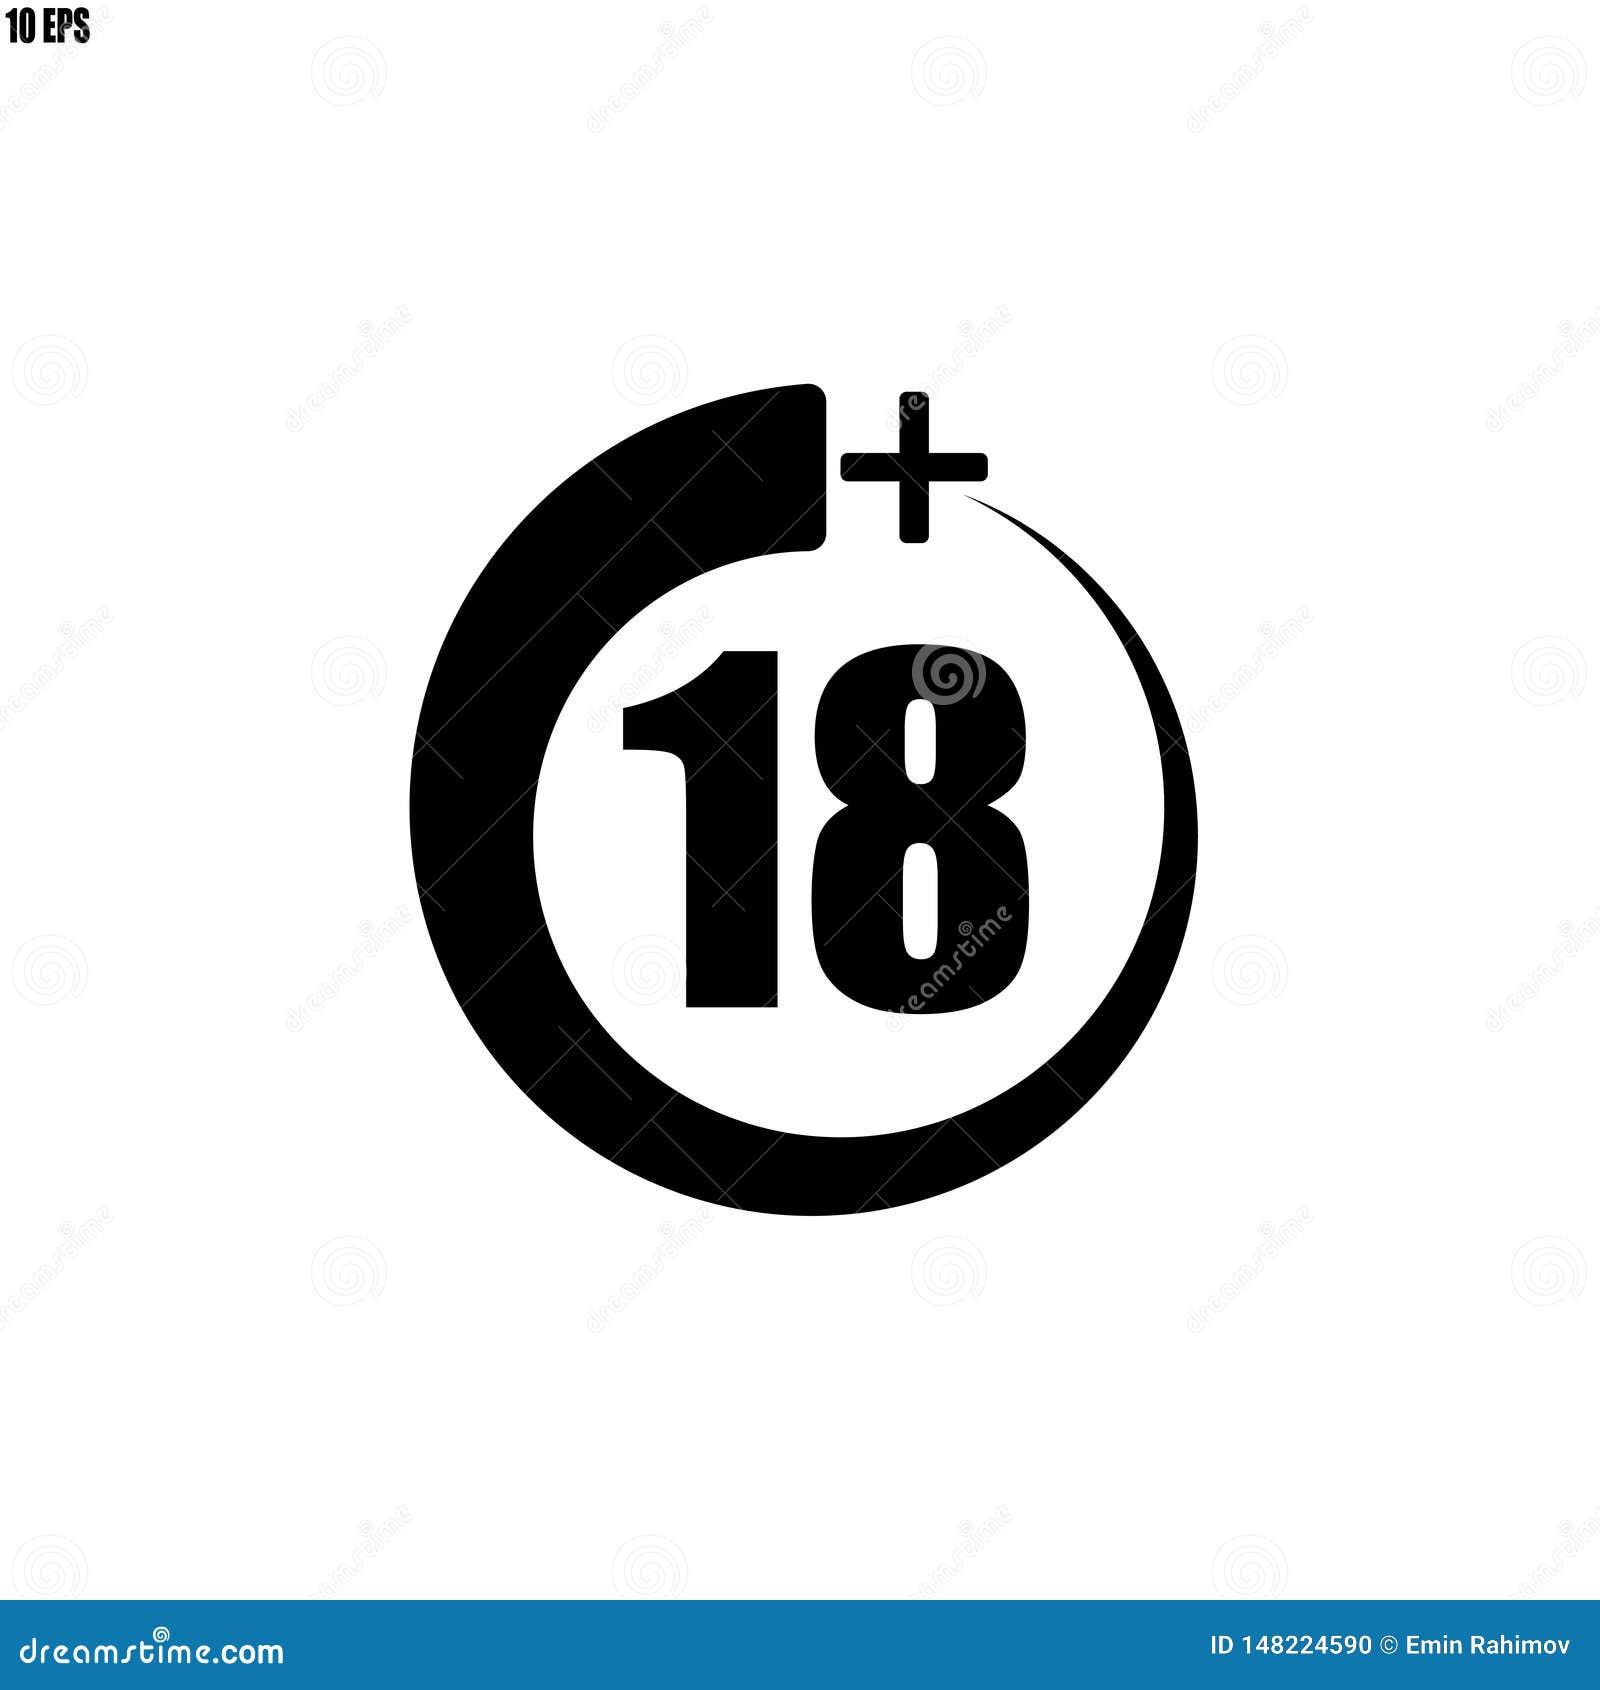 18+ ikona, znak Ewidencyjna ikona dla limita wieku - wektorowa ilustracja